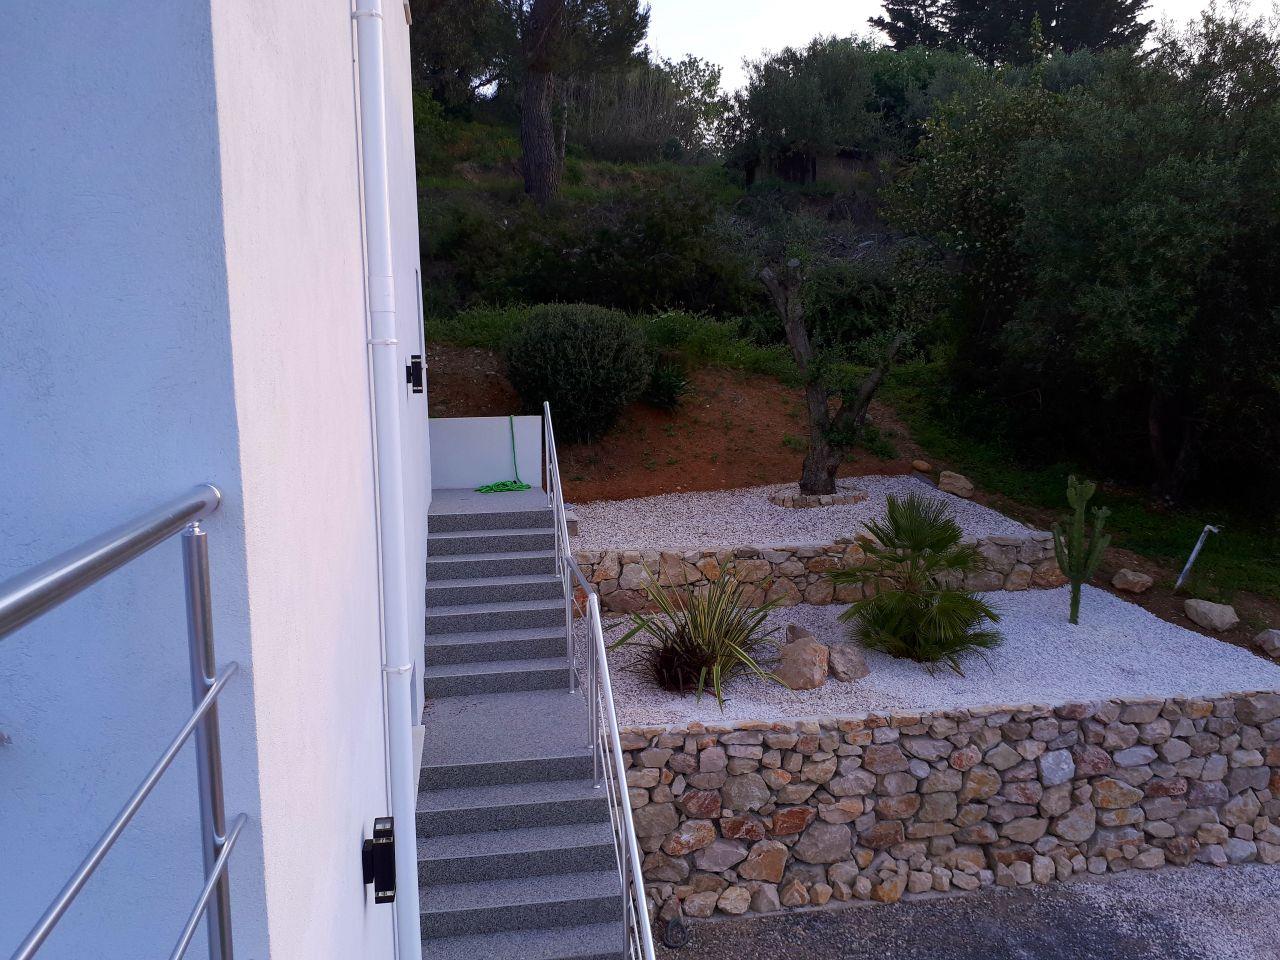 Nous avons terminé les plantations au niveau de l'enrochement côté accès porte d'entrée et garage. On a choisi de mettre du gravier blanc, dans lequel nous avons intégré des spots au niveau de chaque plante. Toujours pas de budget pour les clôtures ........